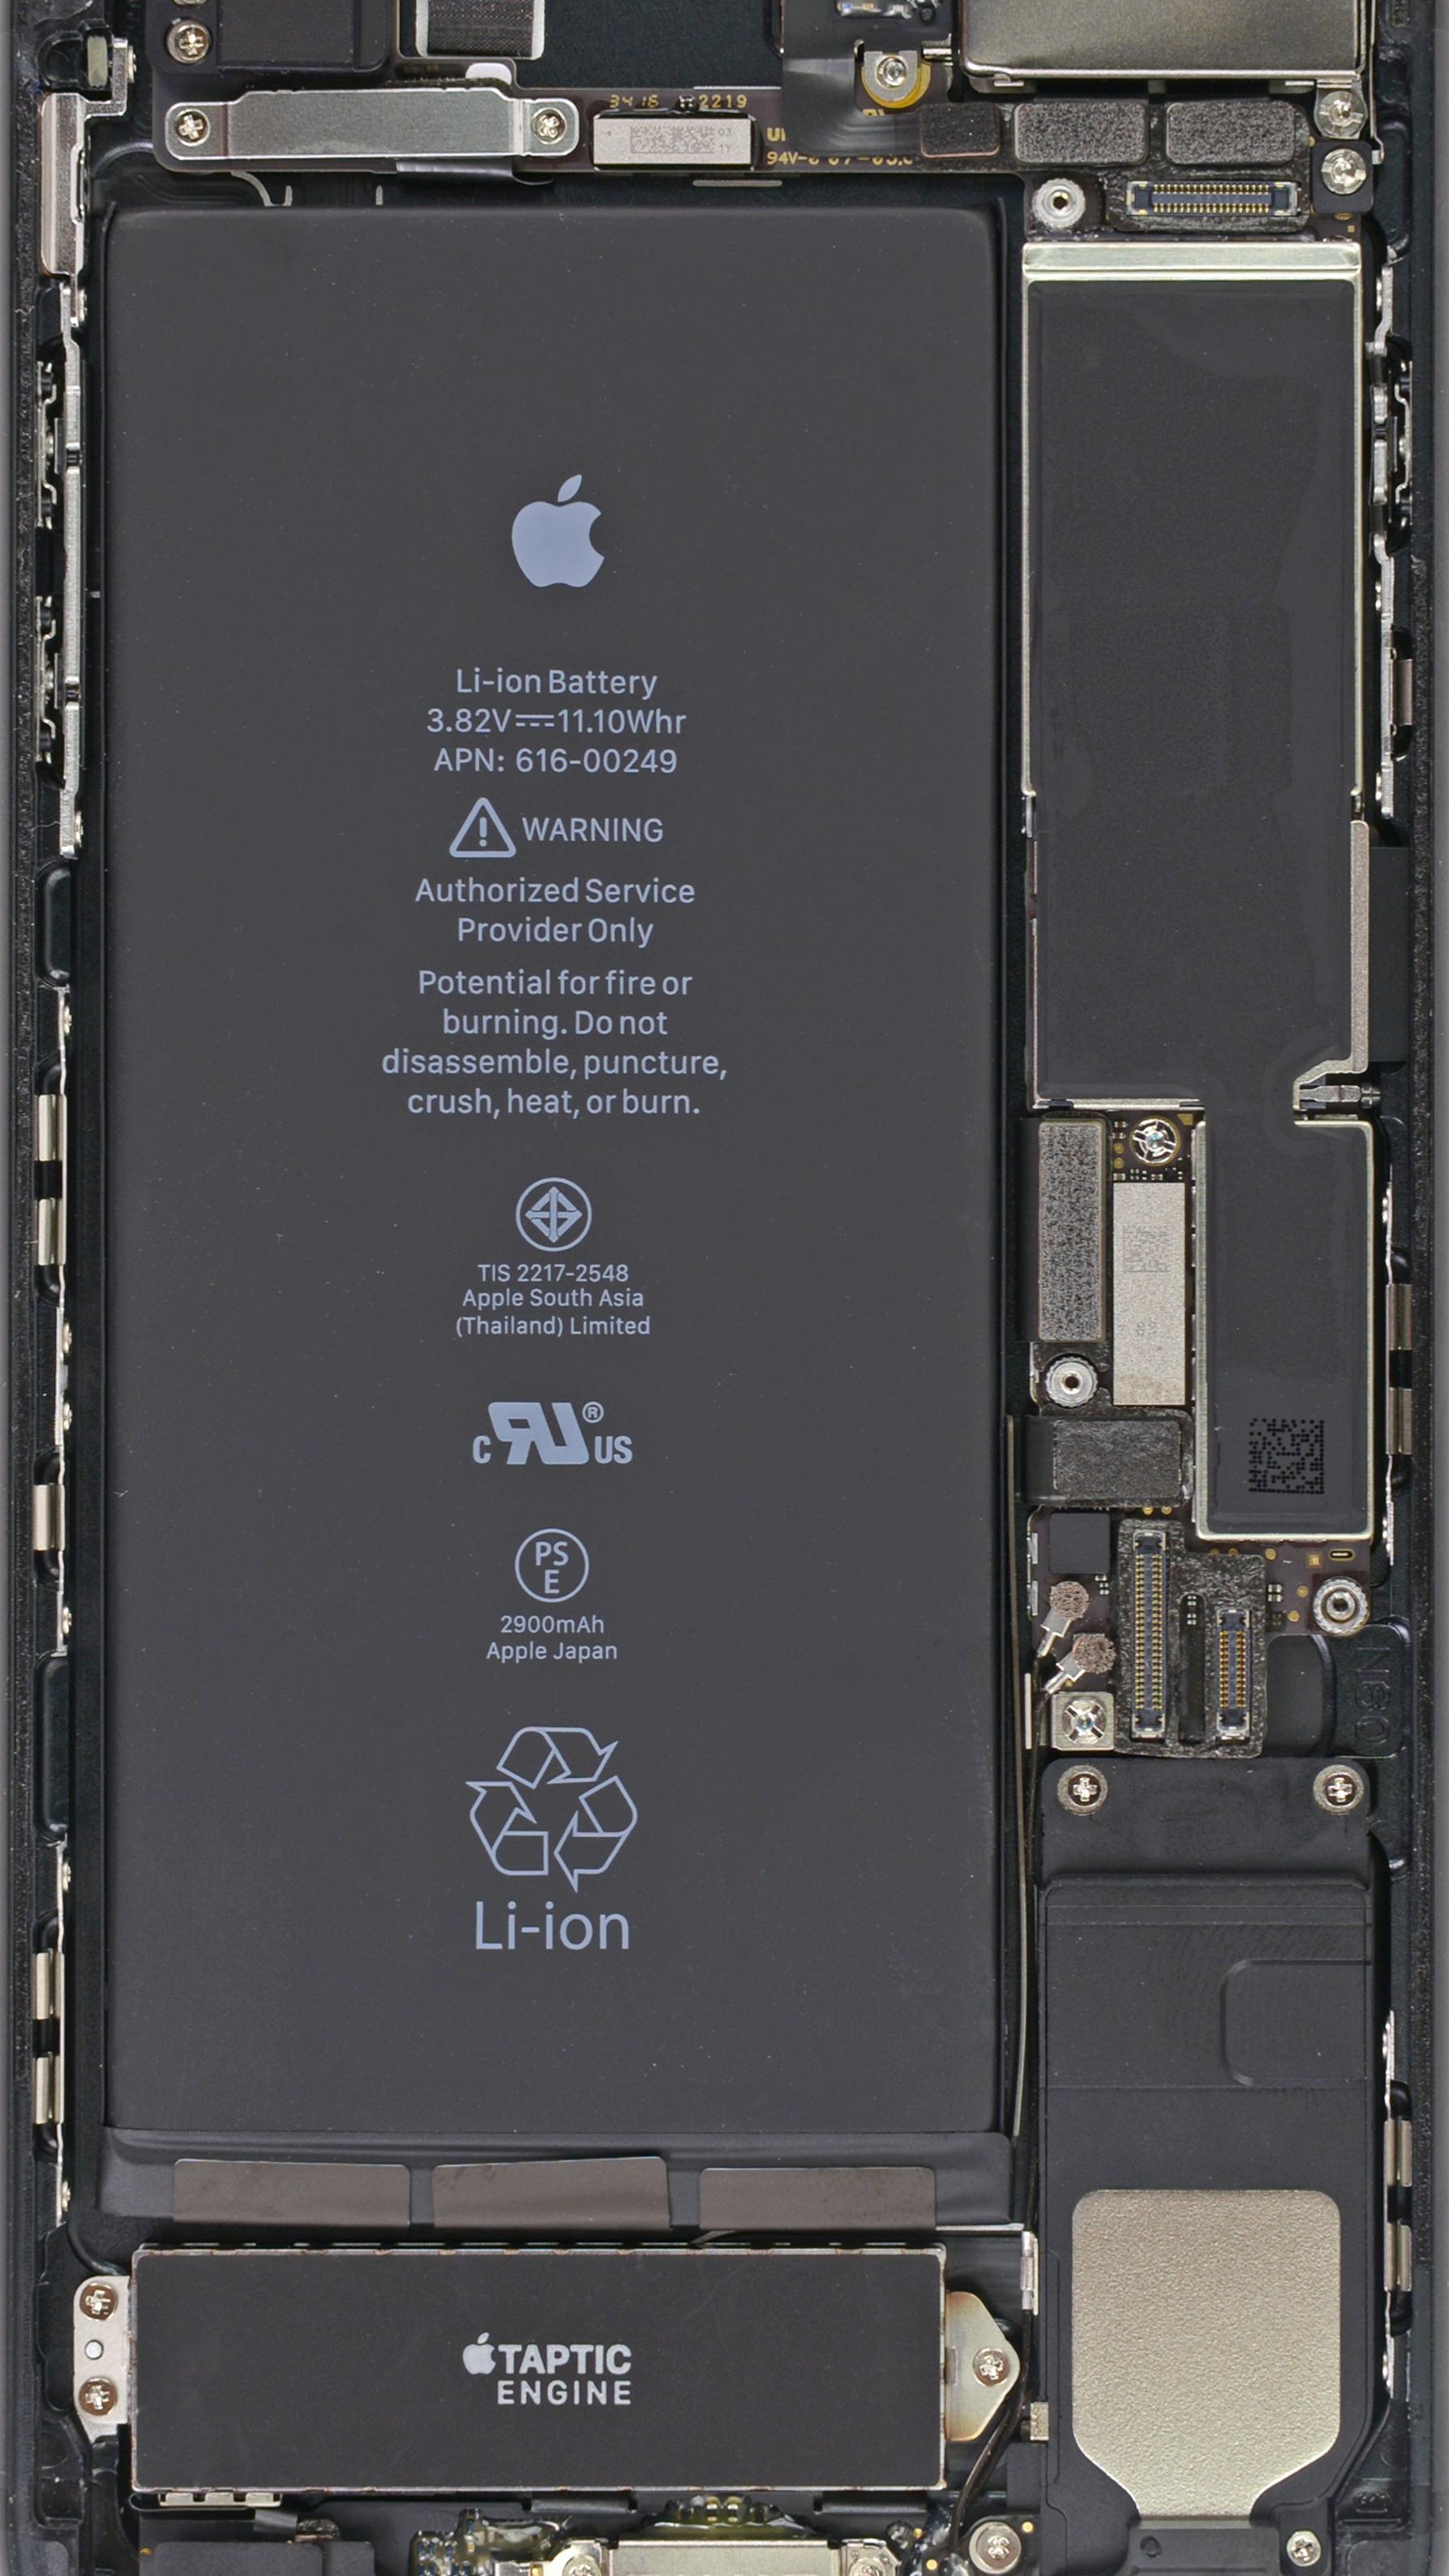 設定すると中身が透けて見えるような Iphone 7 7 Plus の壁紙が公開 Corriente Top